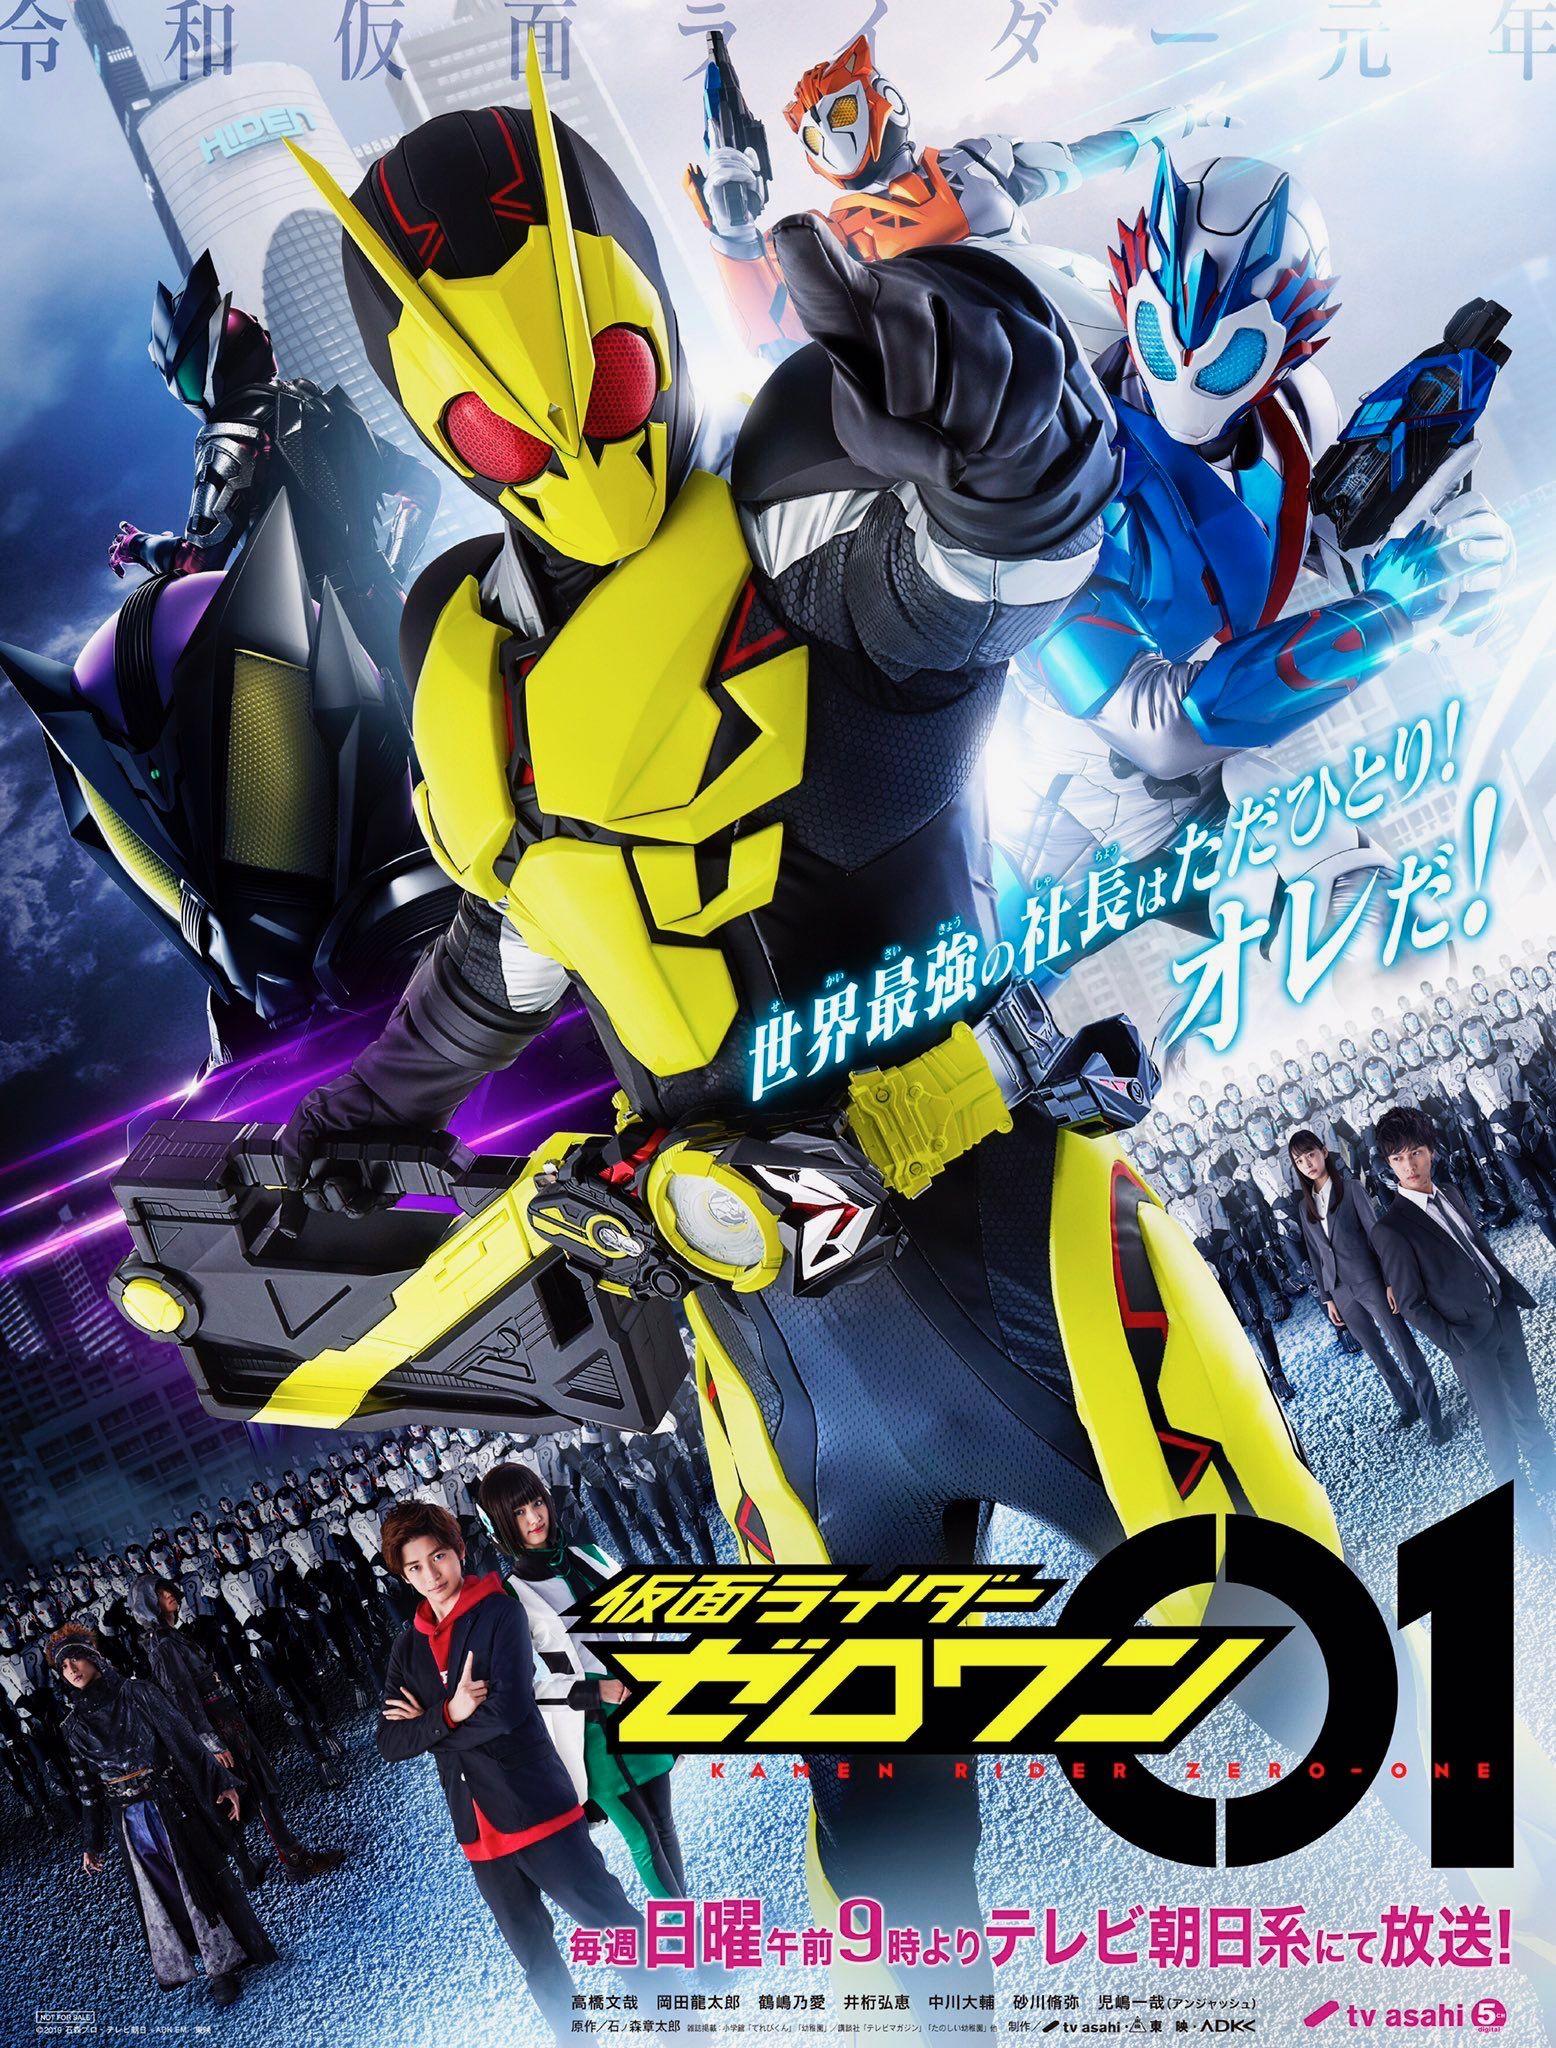 Kamen Rider ZeroOne Kamen rider, Kamen, Zero one